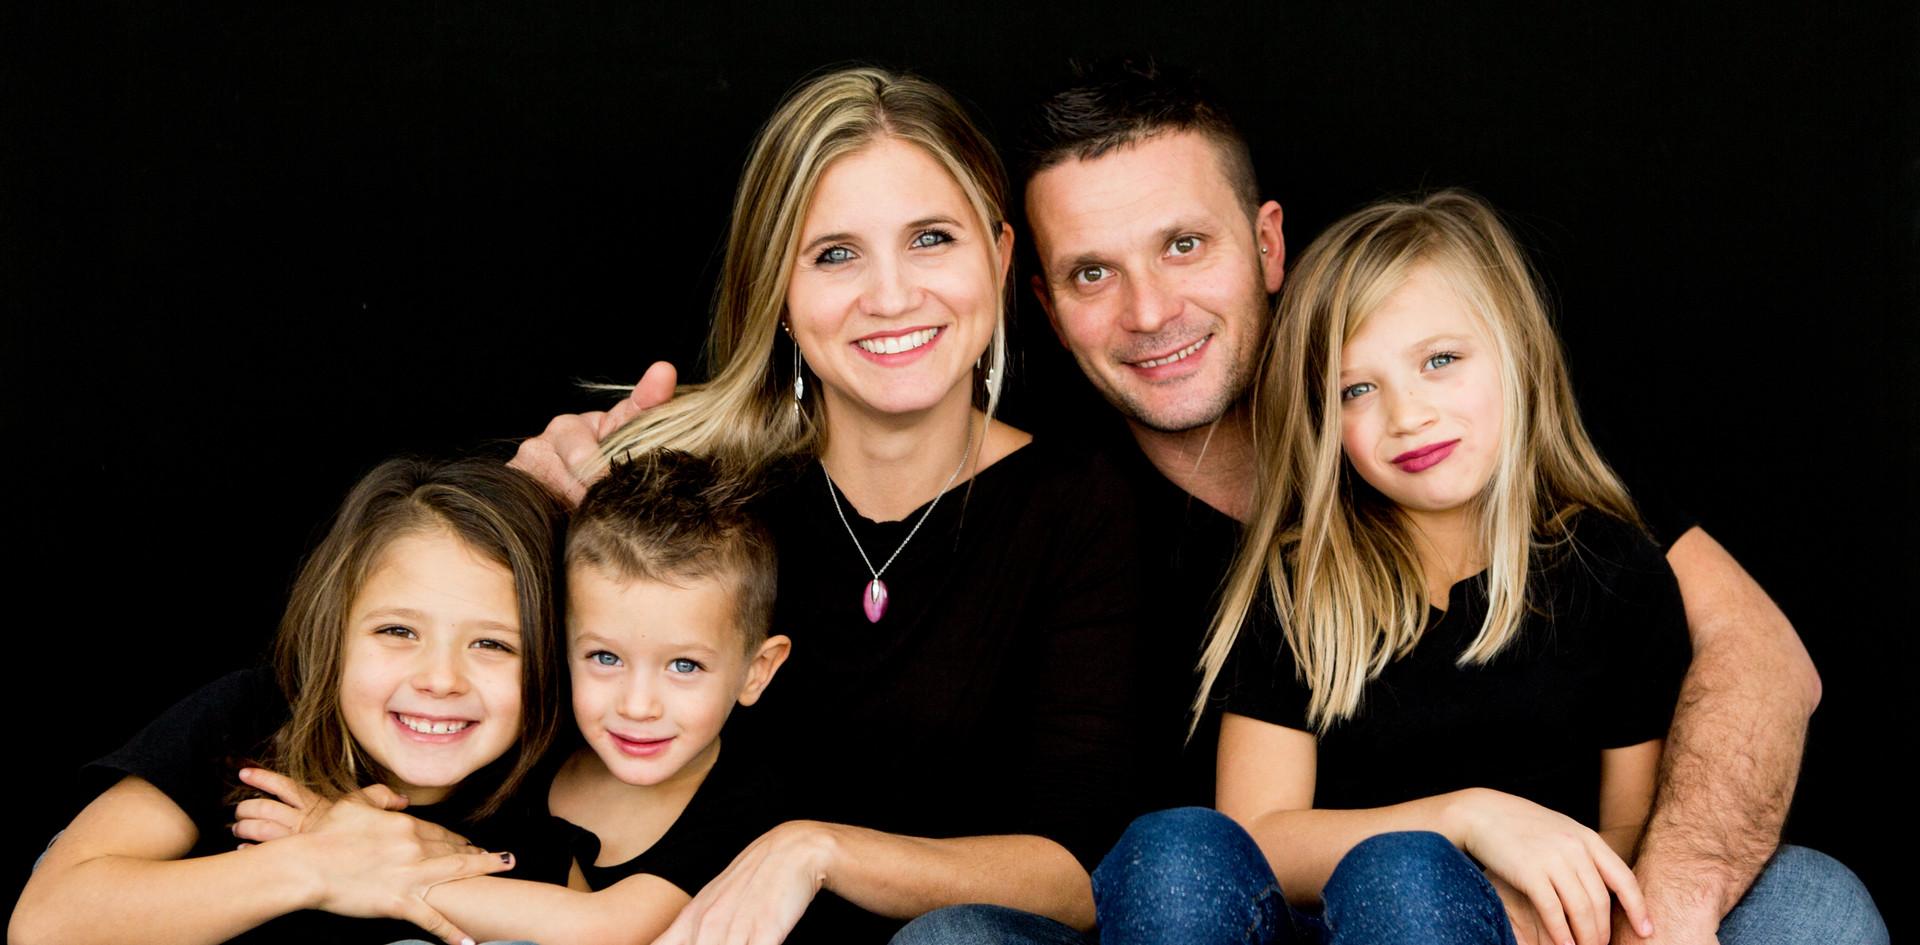 Perego Silvia Fotografa Lesa Servizio fotografico per famiglie in studio o all'aperto